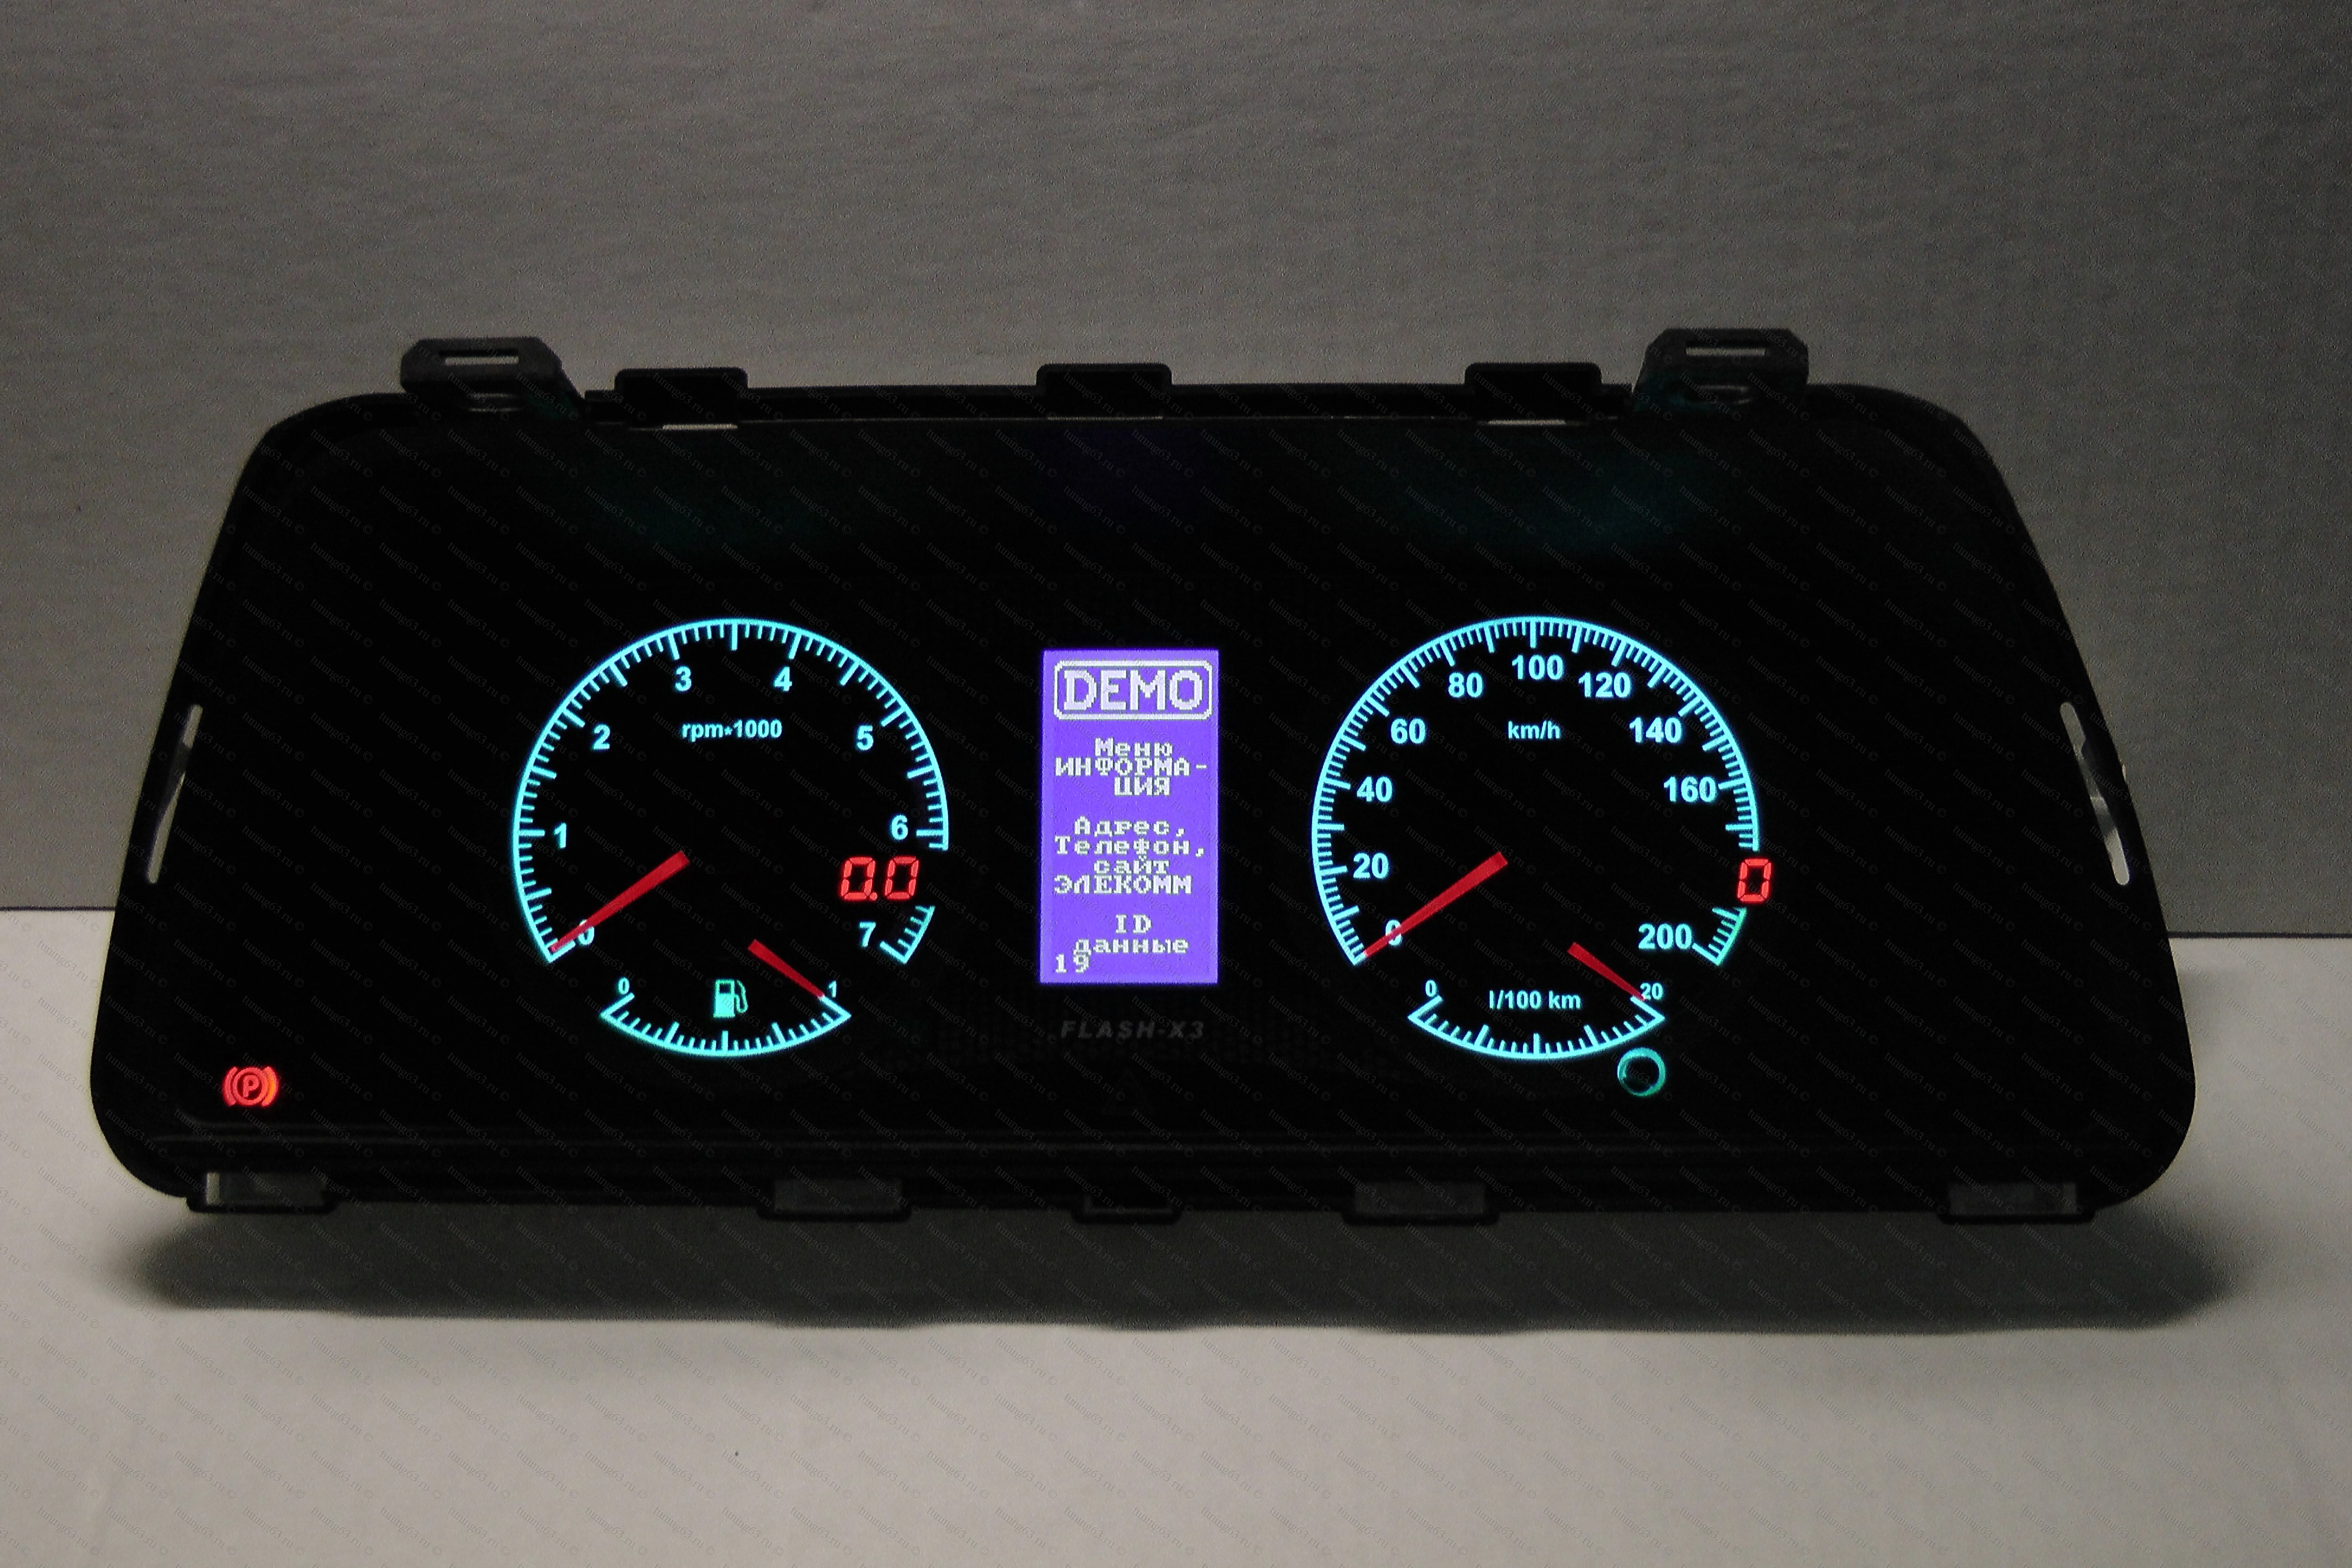 Фото №17 - приборная панель для ВАЗ 2110 с бортовым компьютером